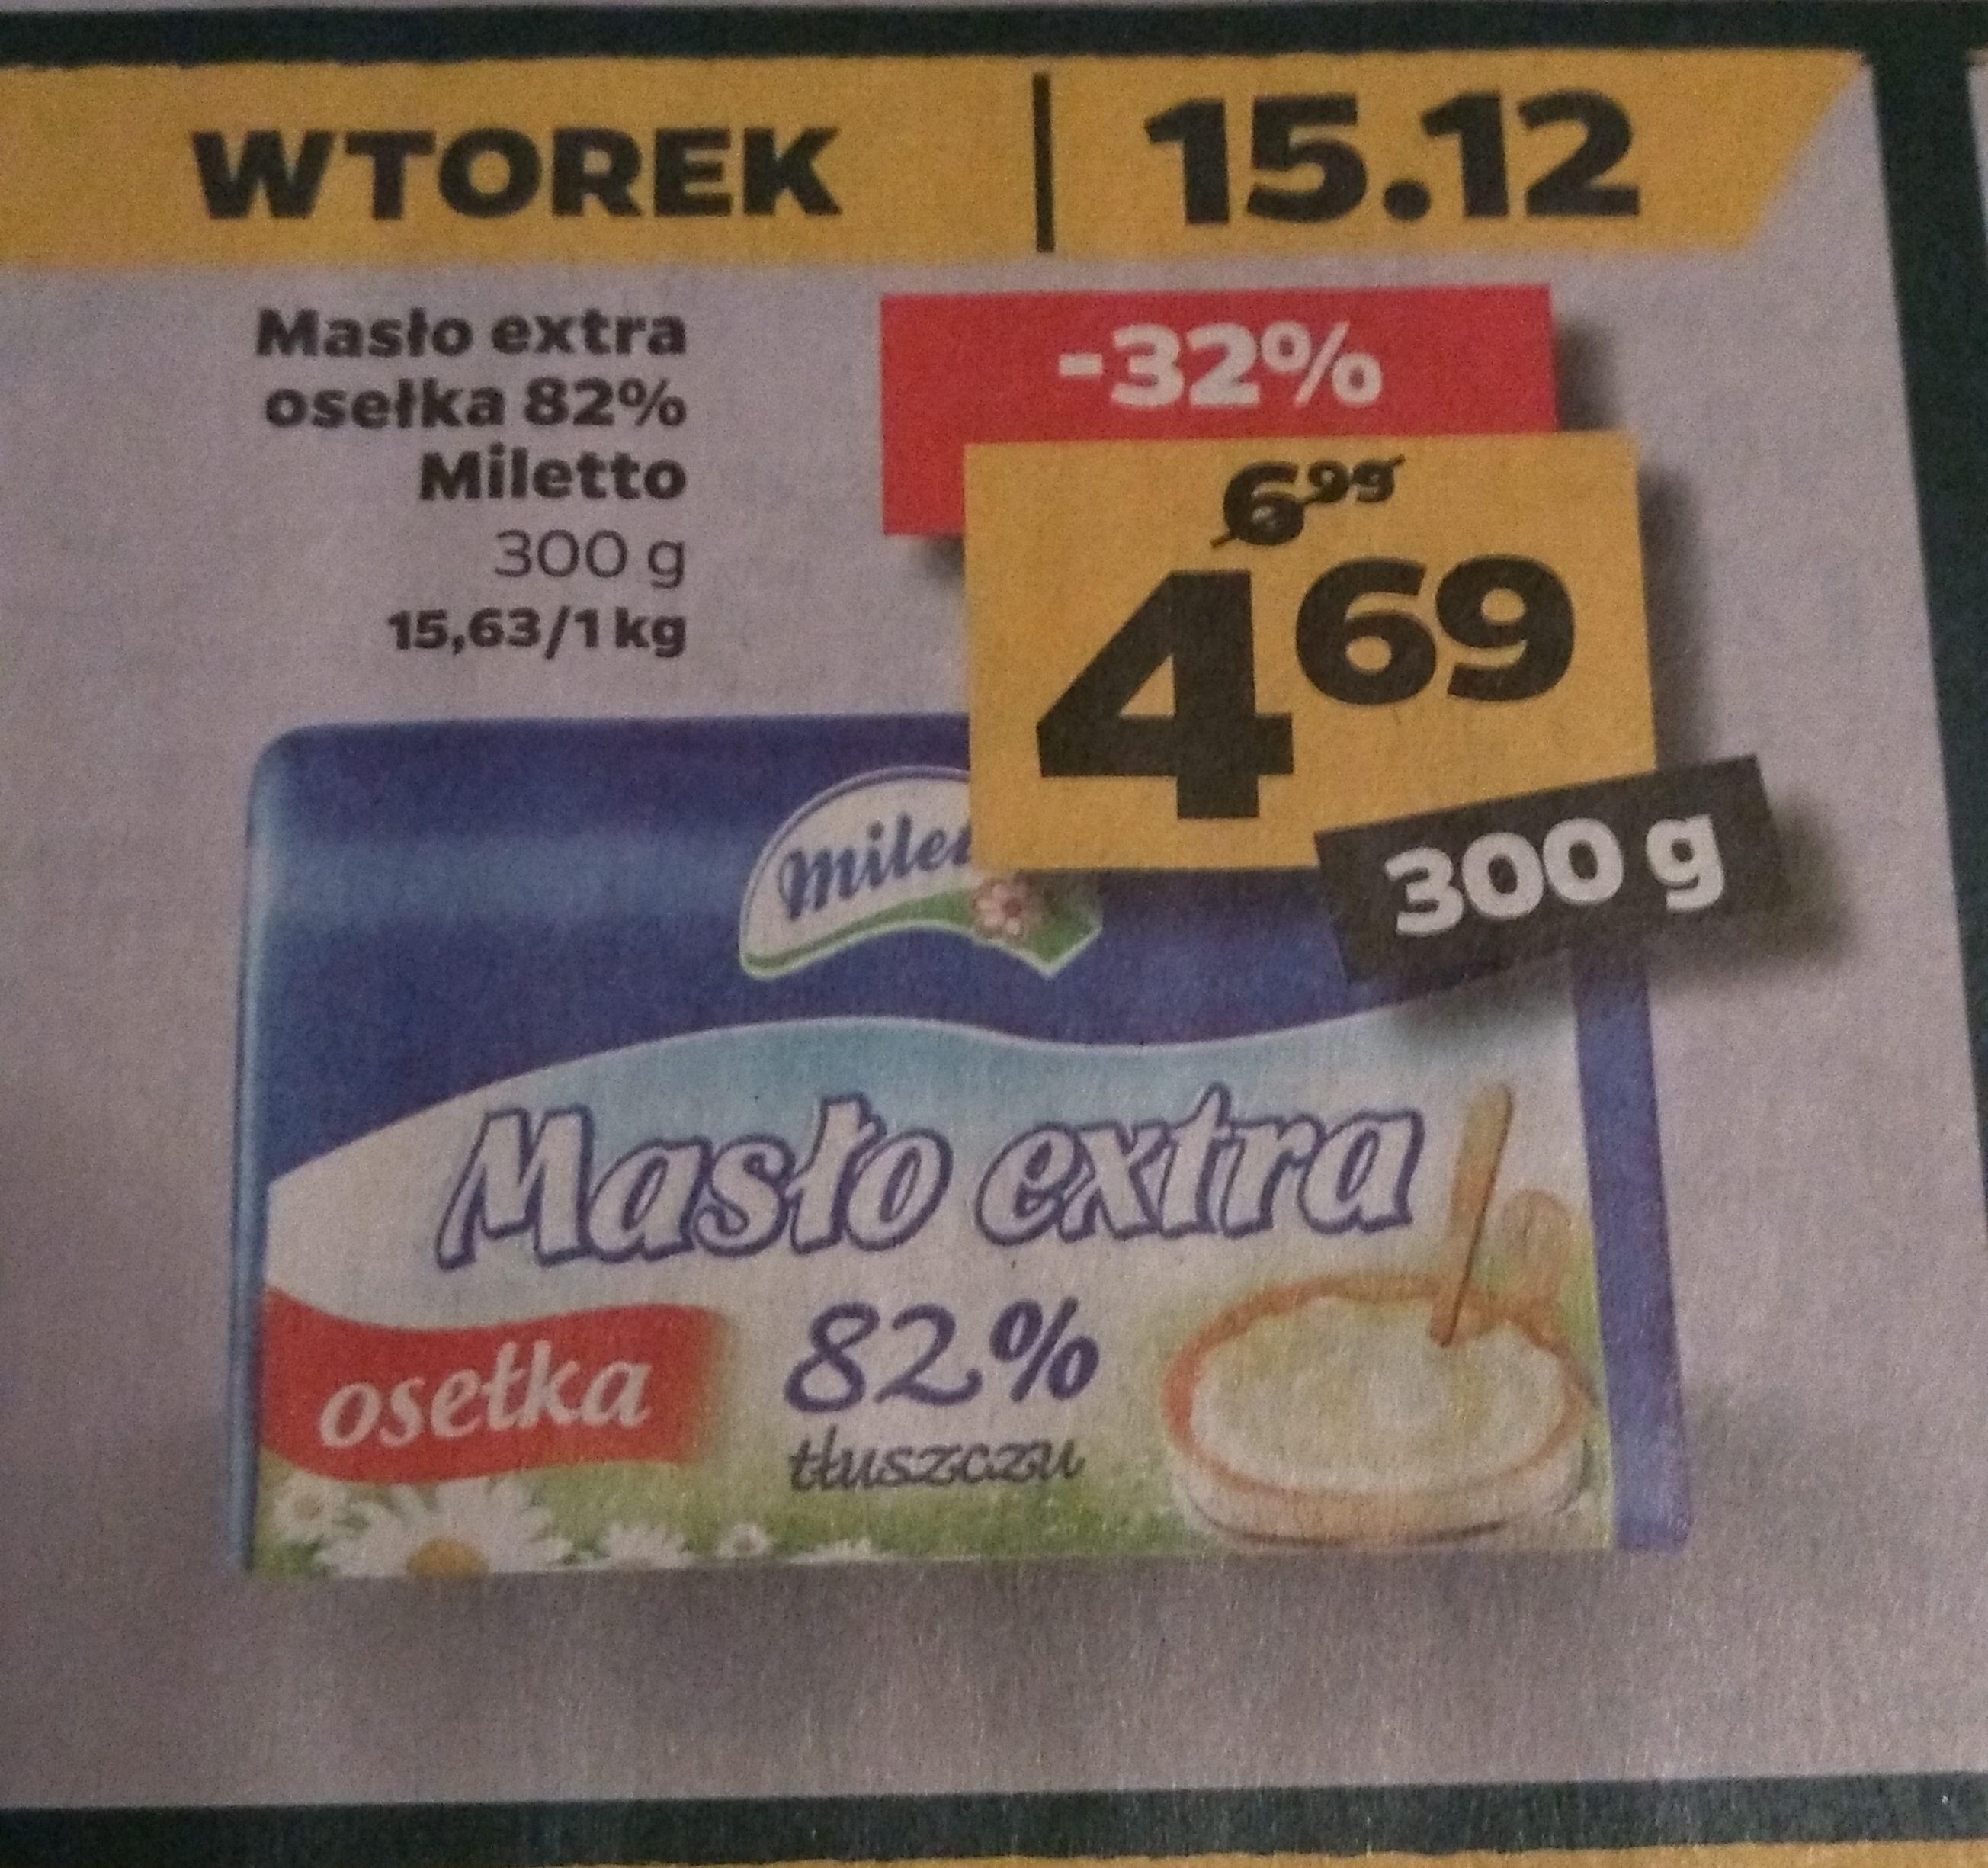 Masło extra osełka 300g (za 200g 3.13) w Netto